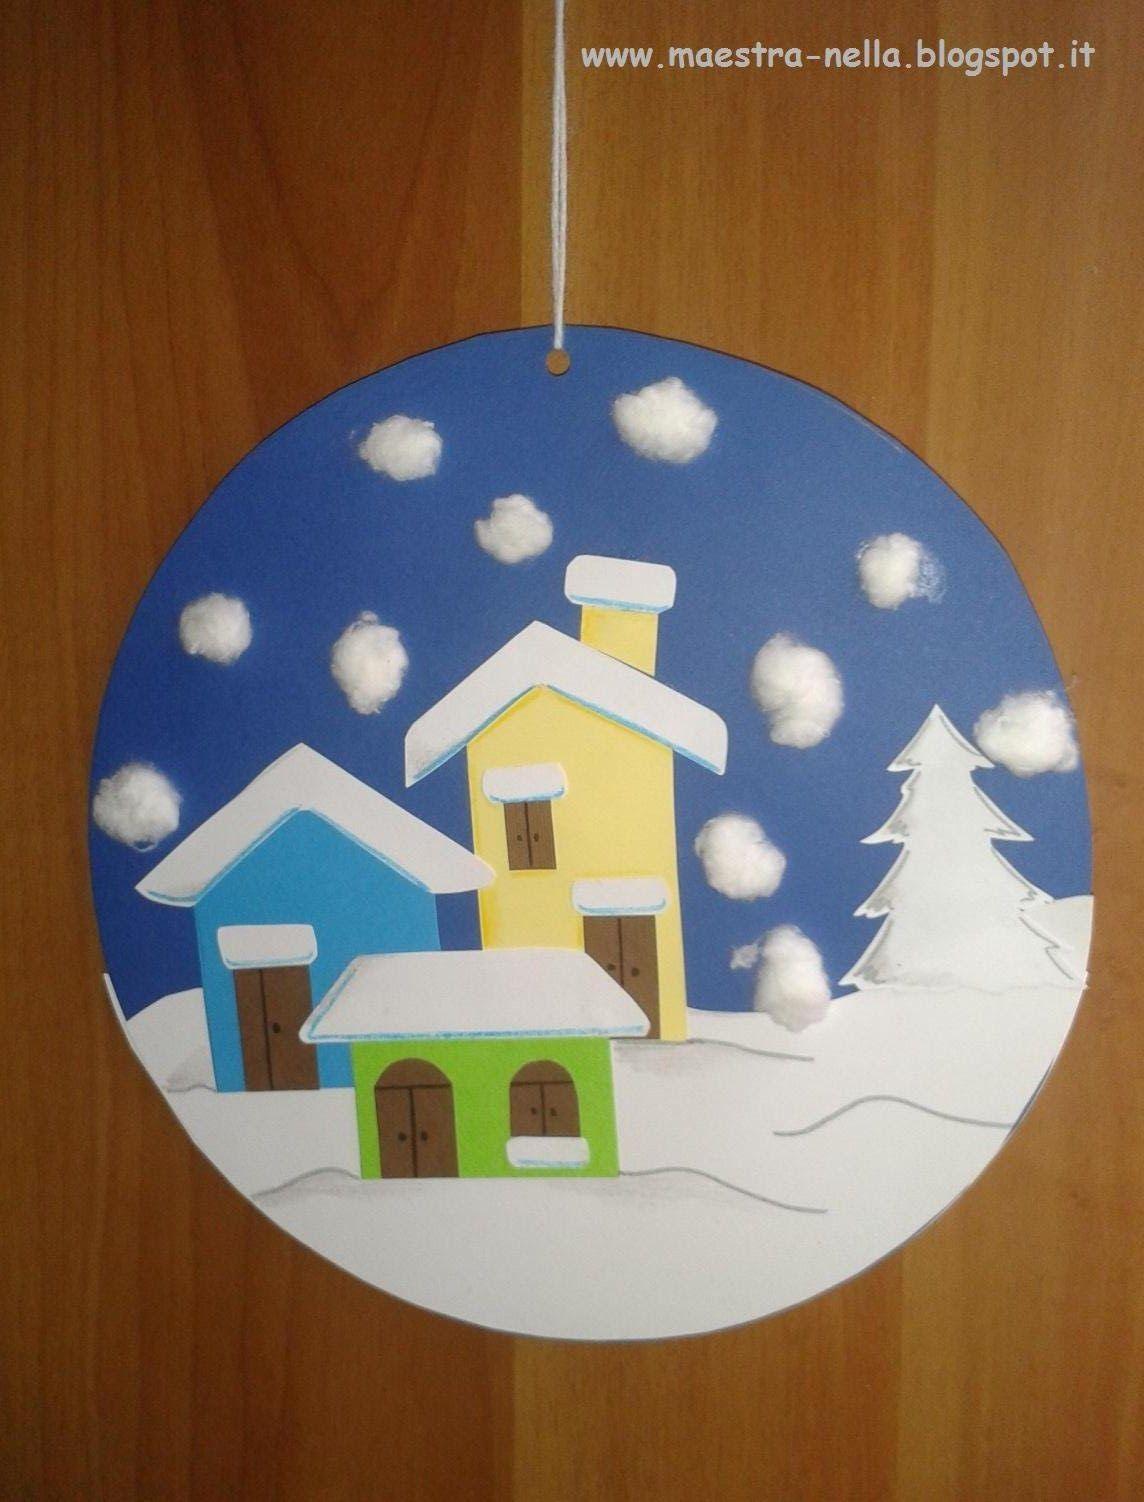 maestra nella addobbi invernali invierno manualidades